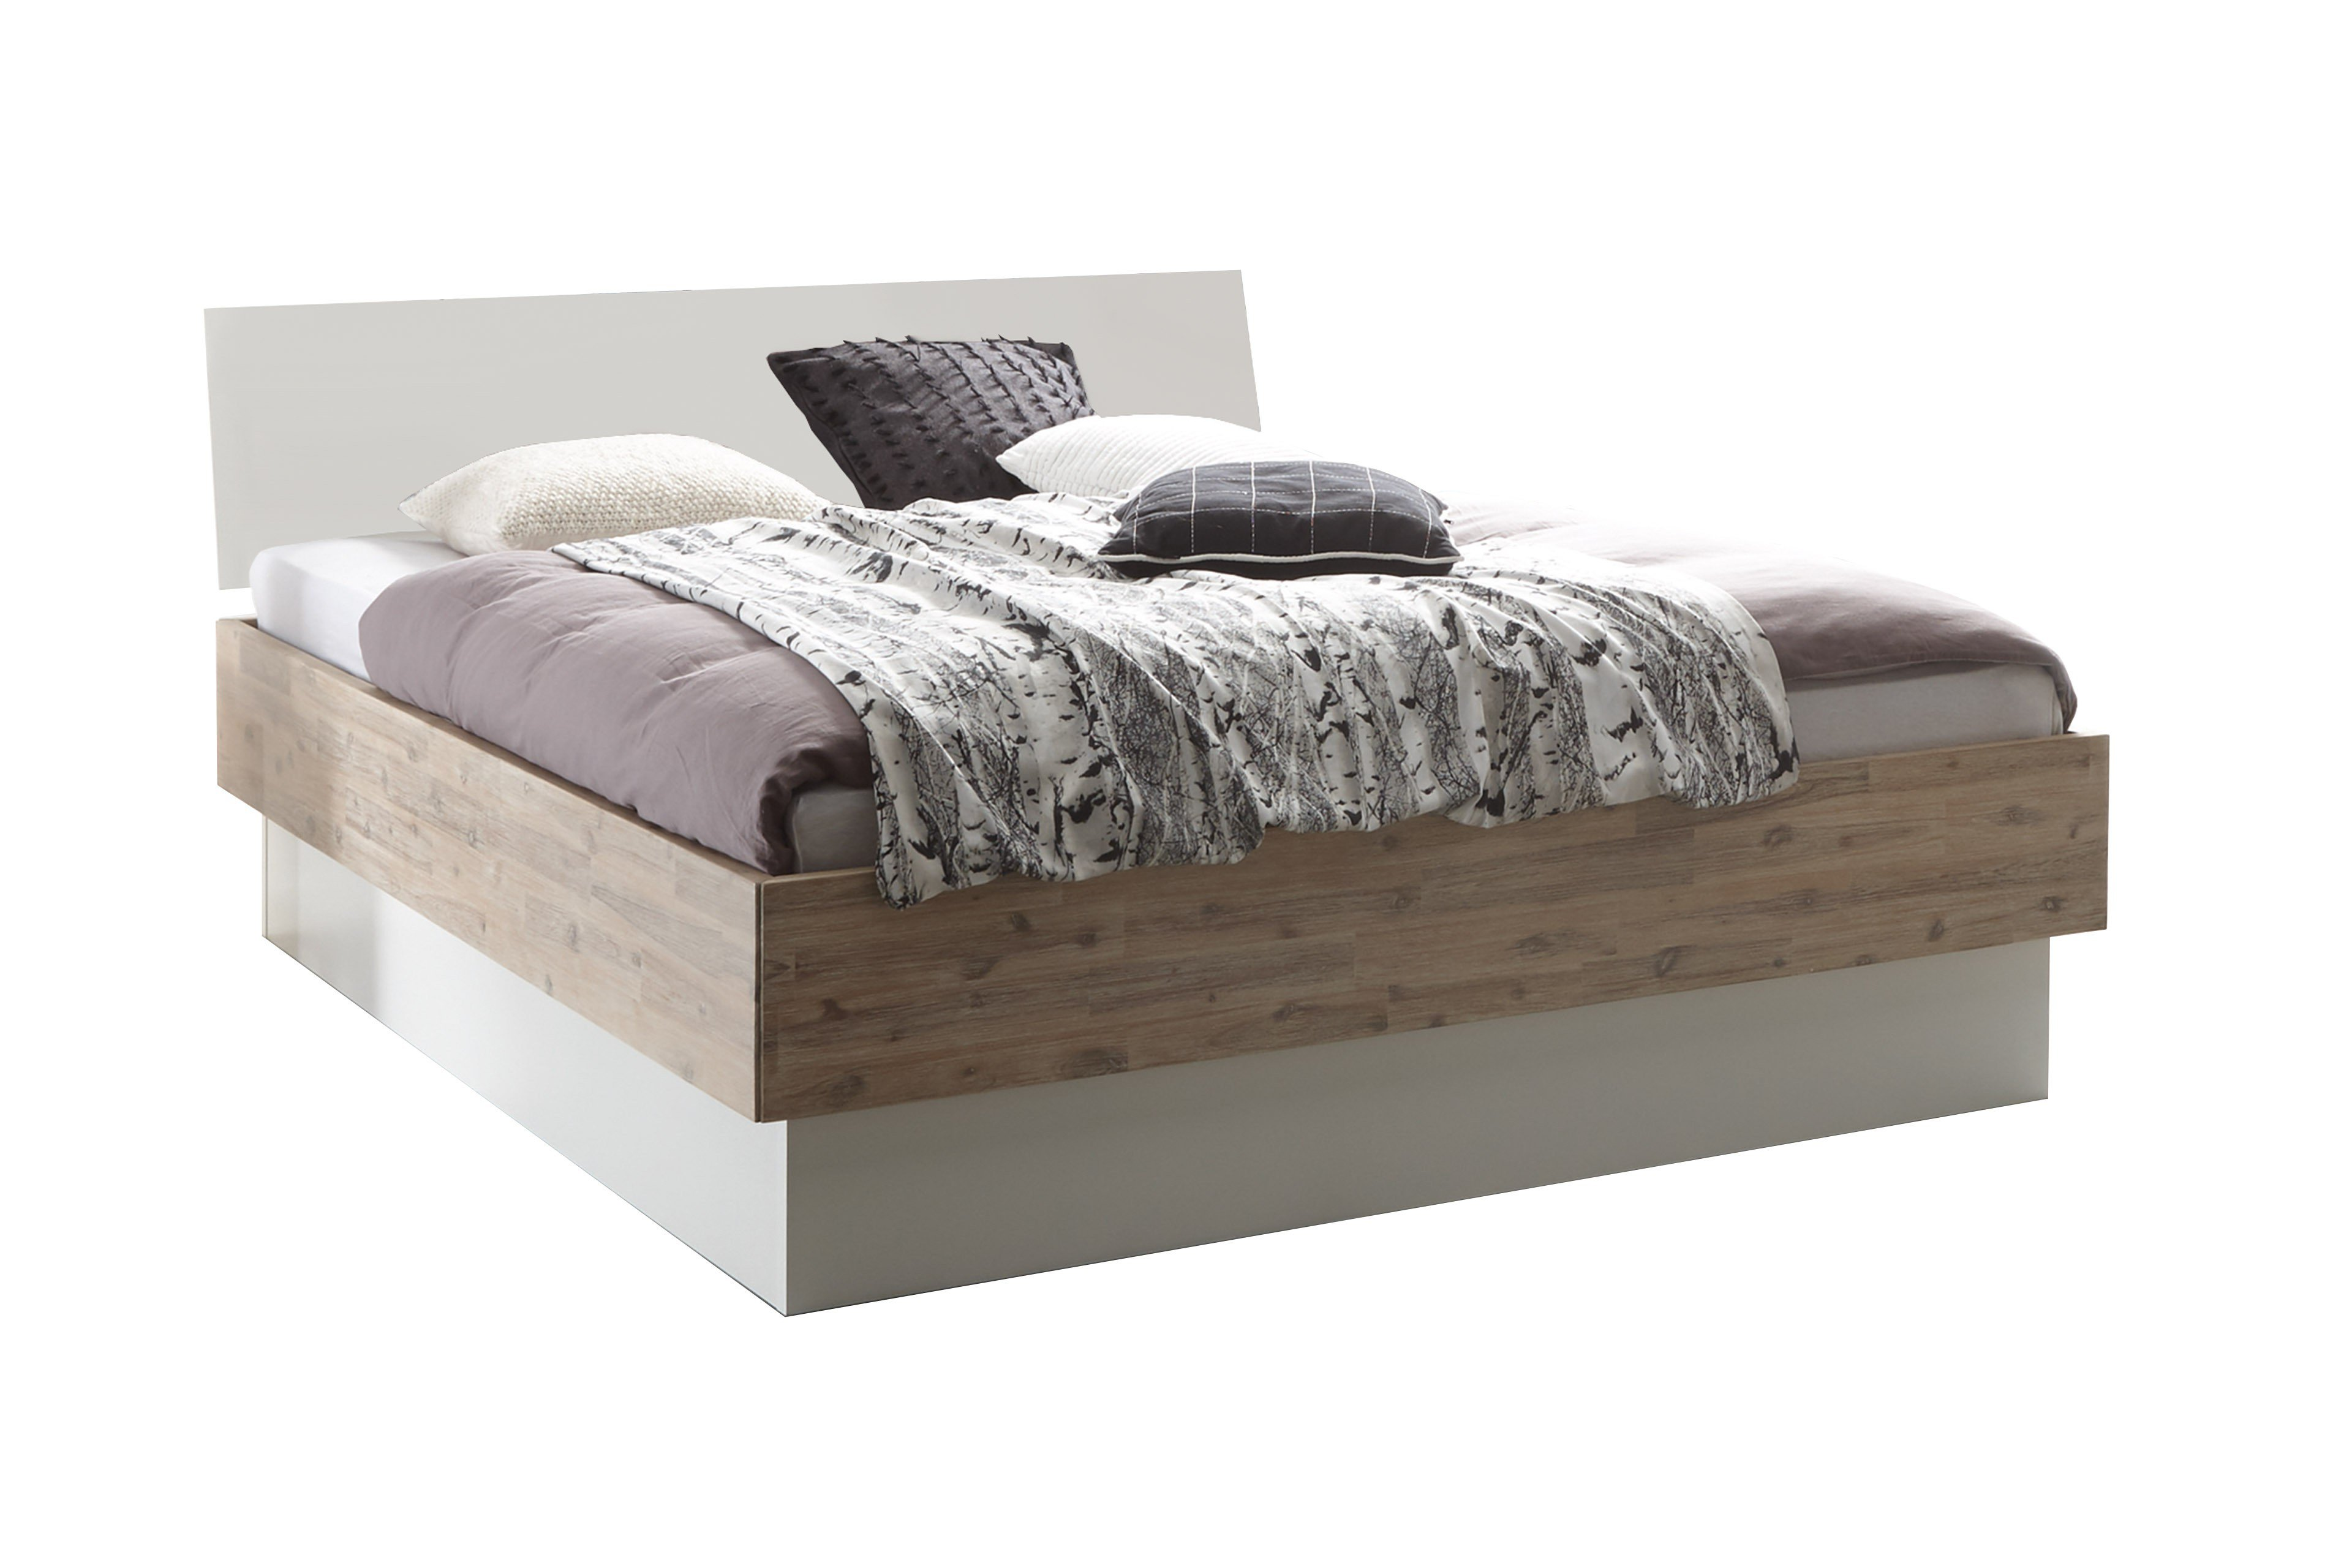 Bezaubernd Doppelbett Mit Bettkasten Referenz Von Factory-chic Von Hasena - Bett Practico